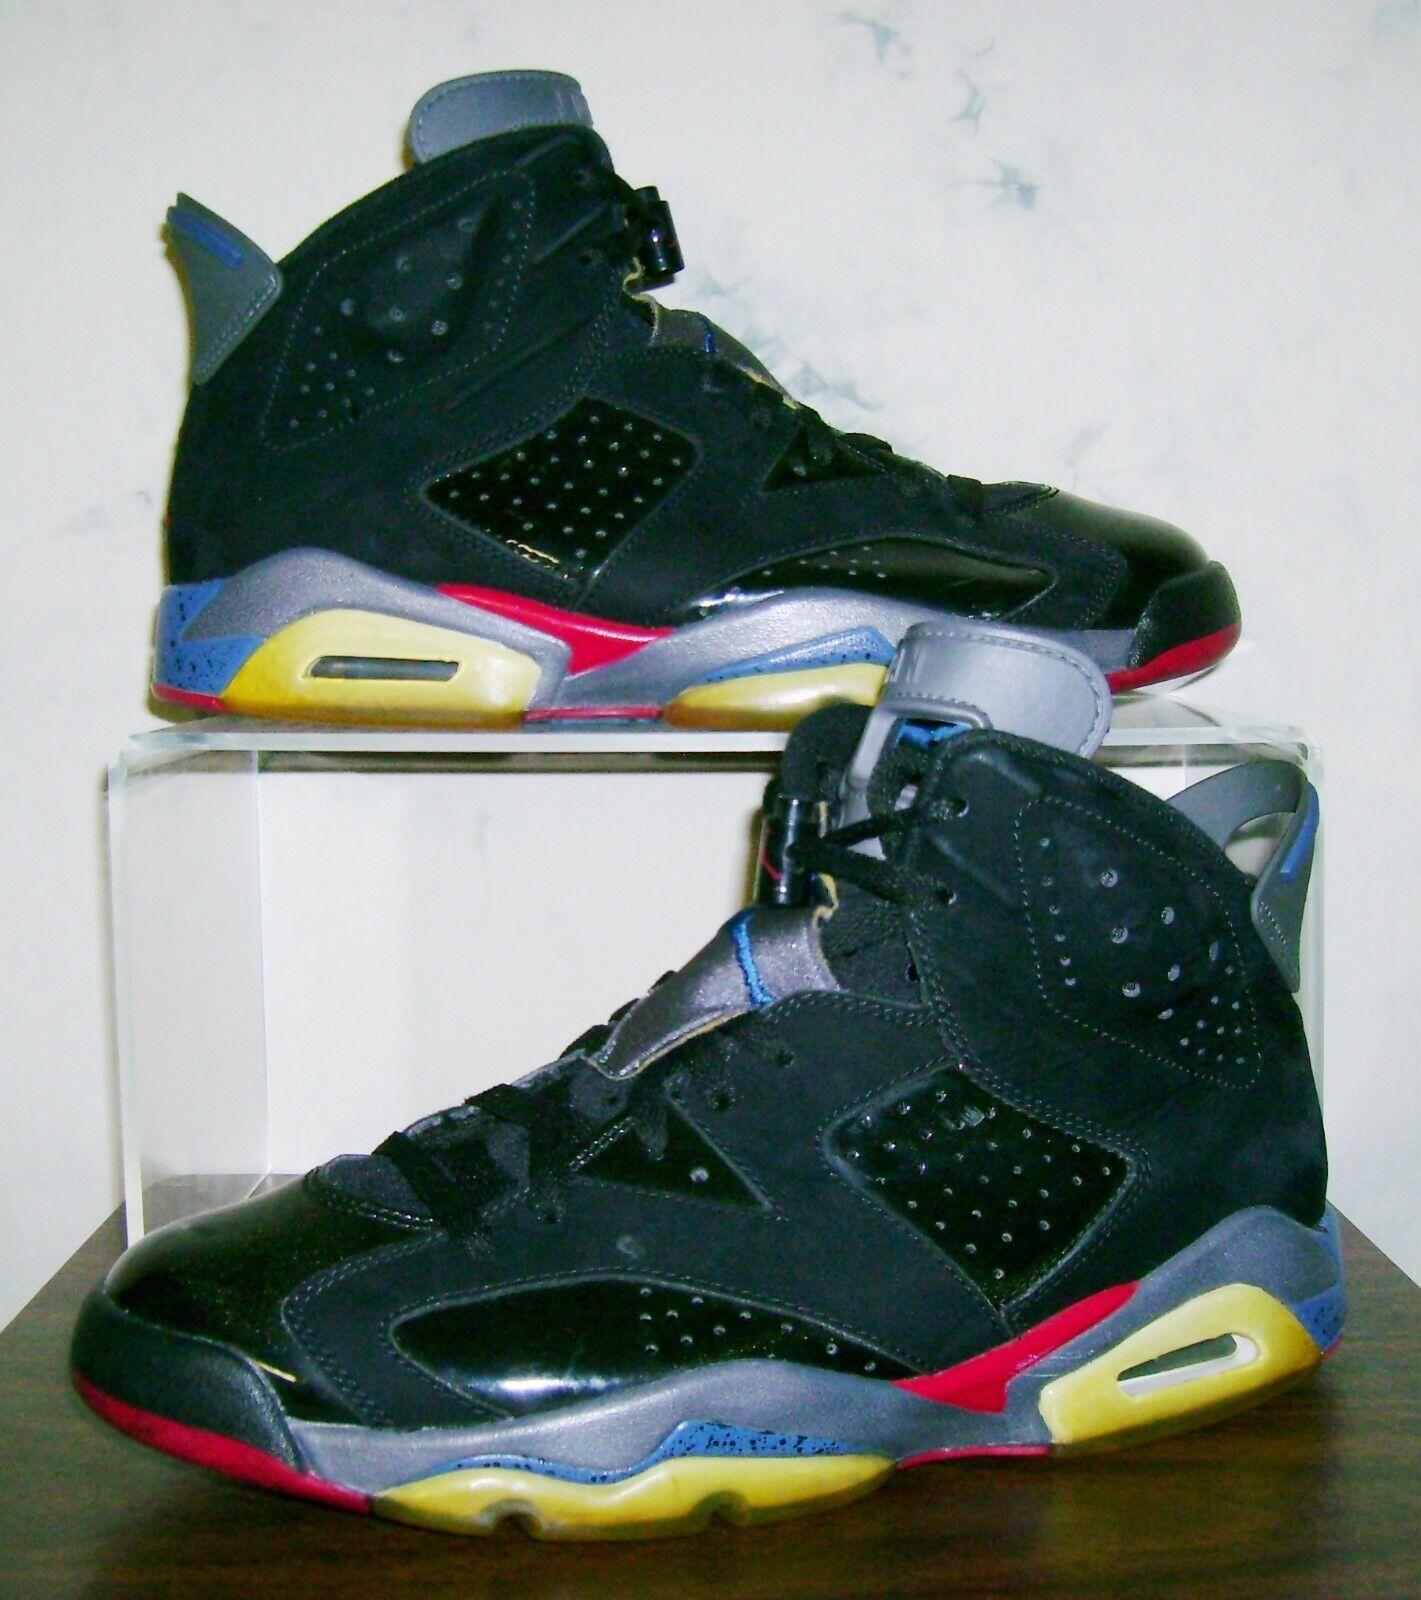 Men's NIKE AIR JORDAN VI 6 PISTONS Sz 9.5 Retro Rare Vtg shoes 9 1 2 FAST SHIP